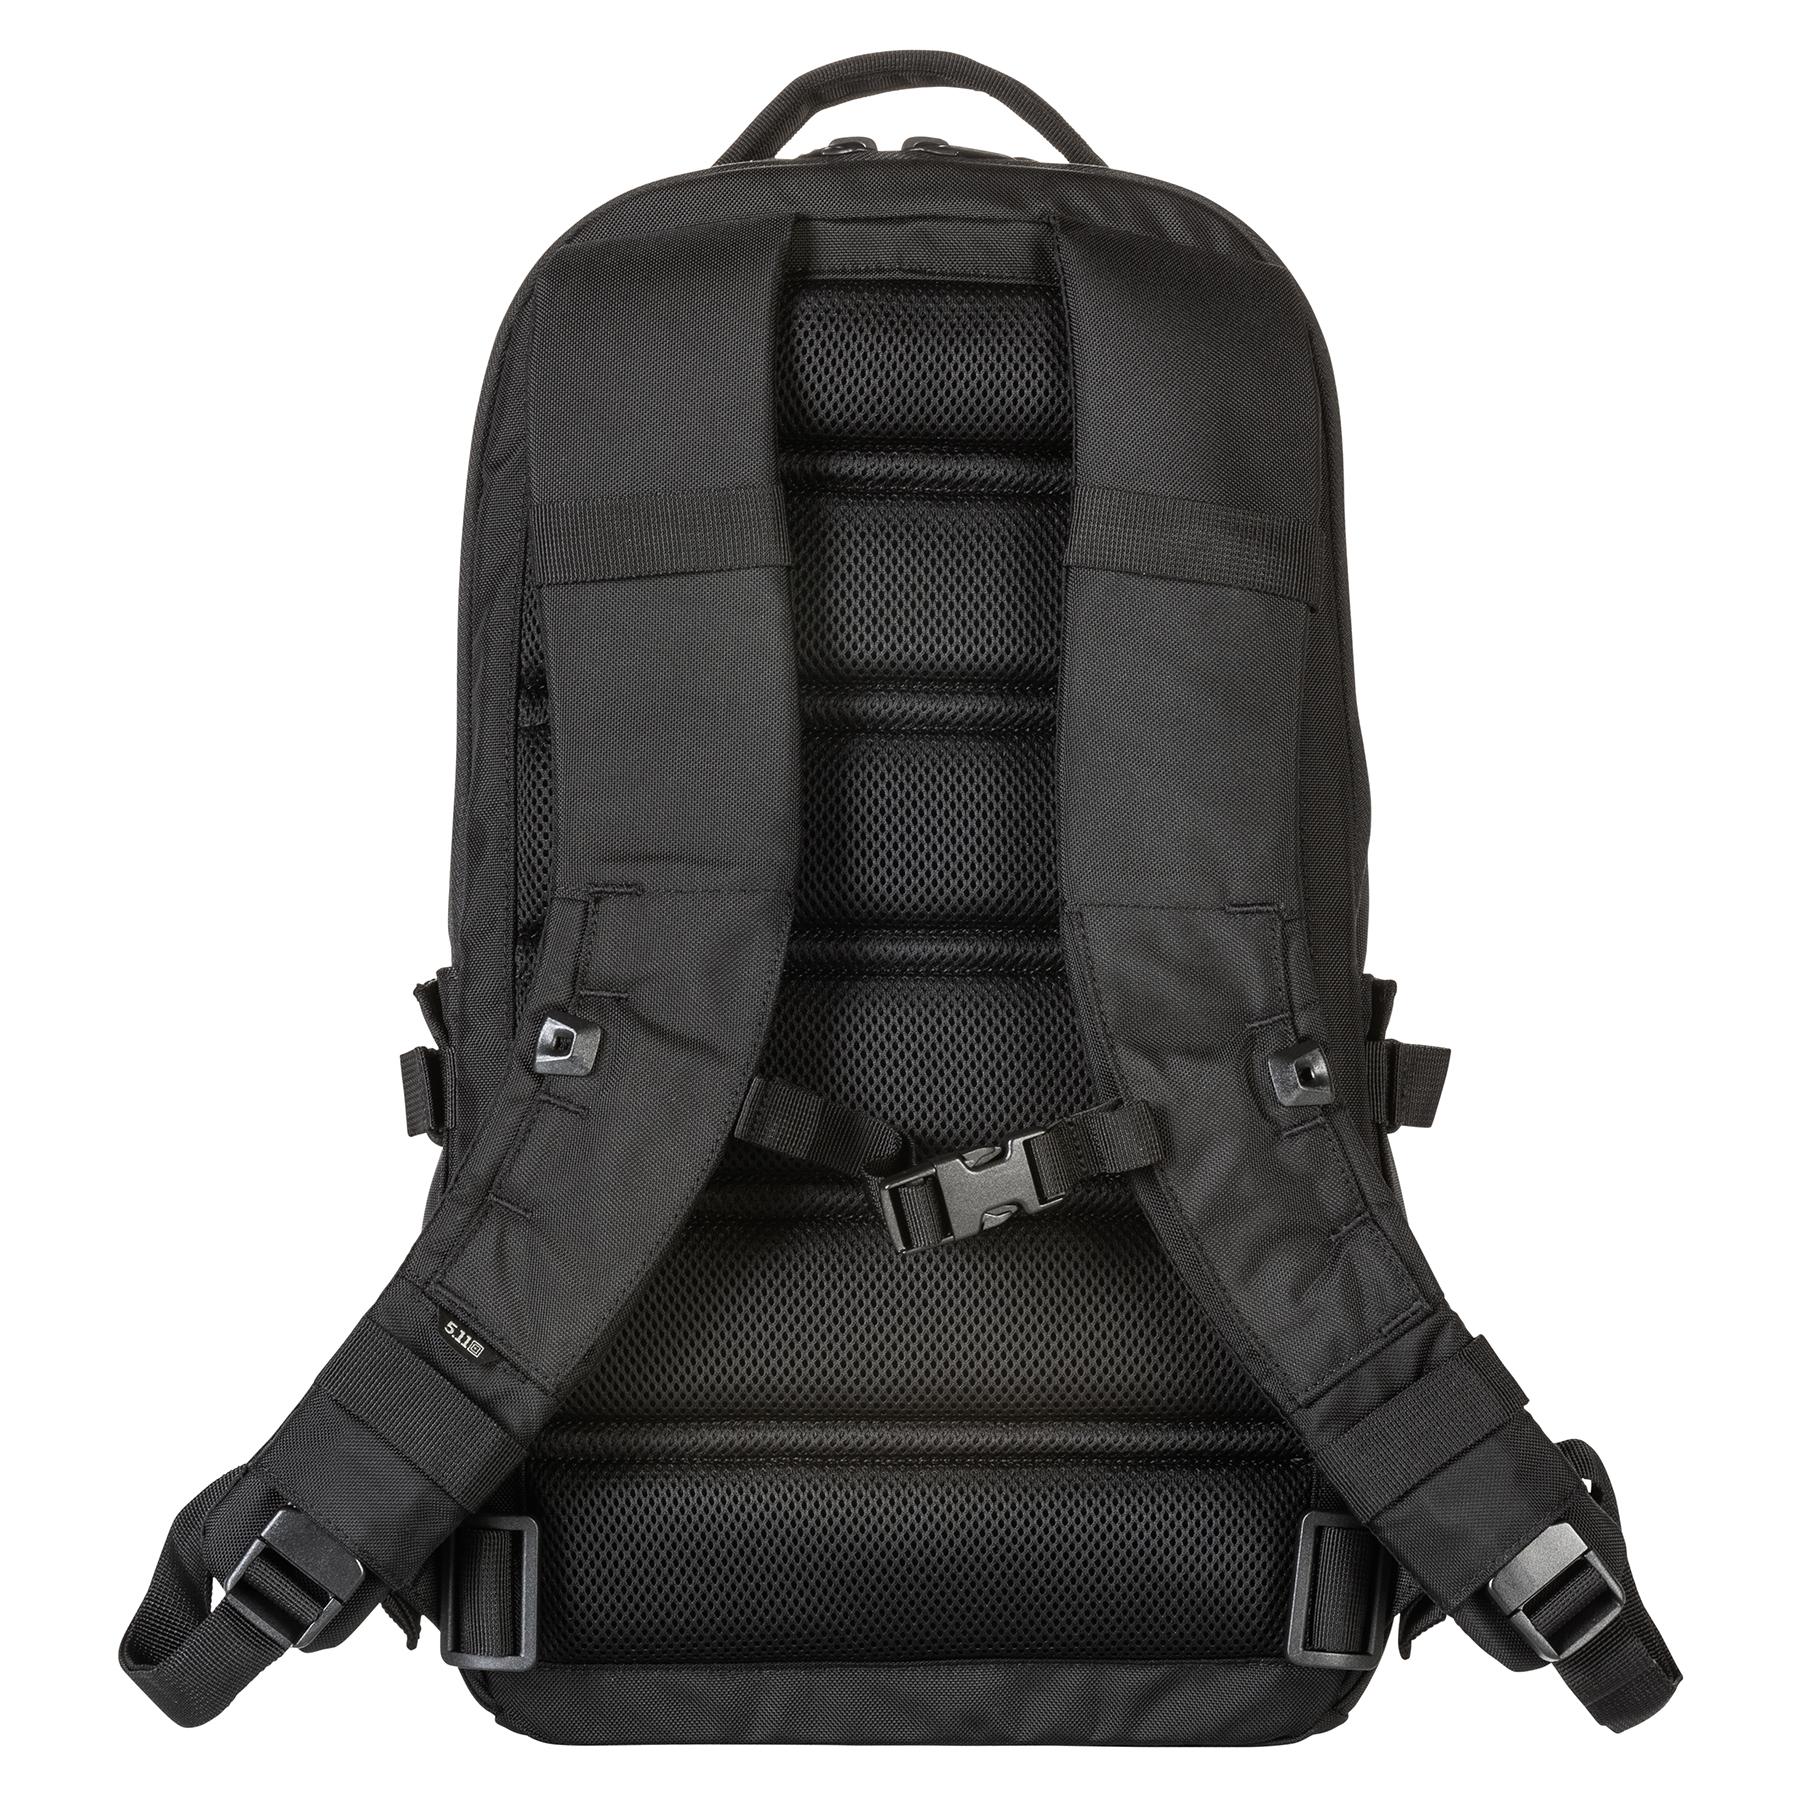 5.11 Tactical LV18 Ryggsekk from Nightgear UK